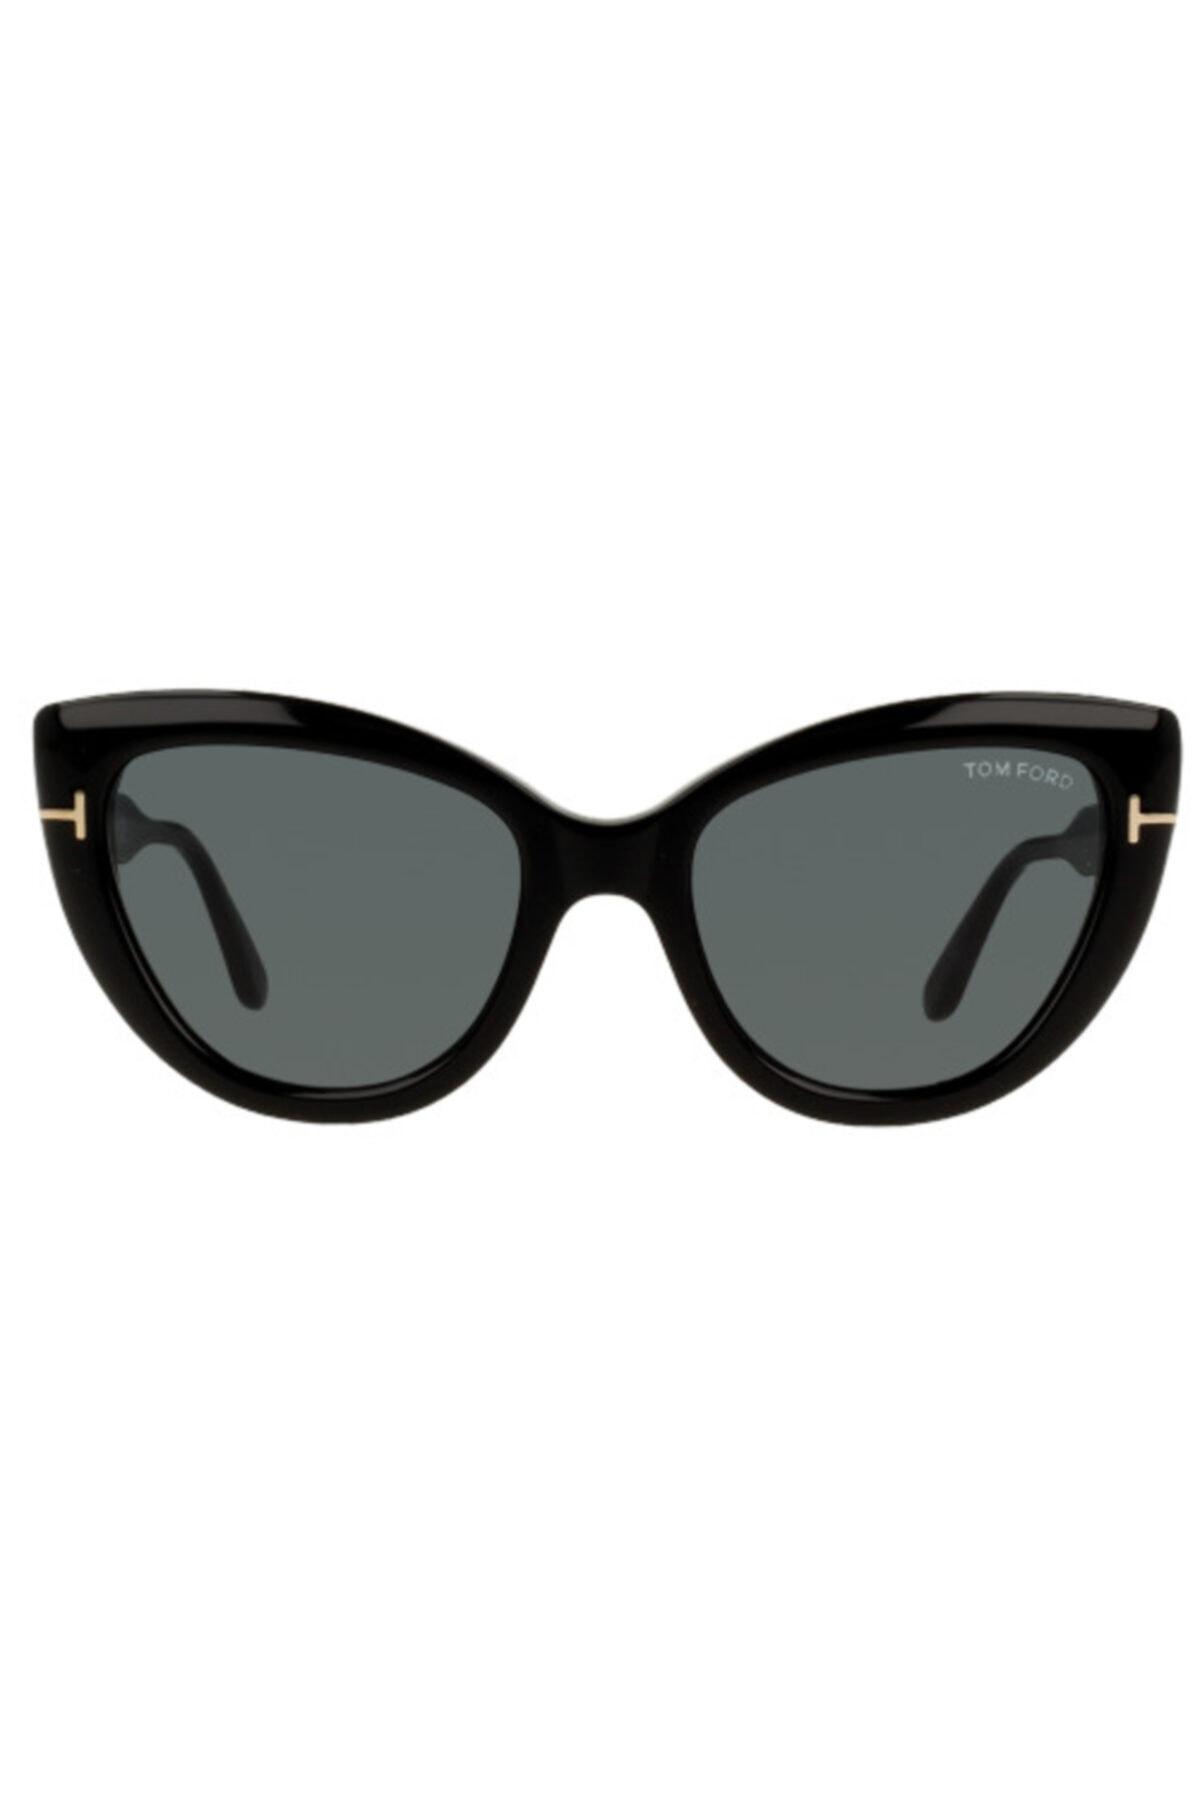 فروش عینک آفتابی زنانه شیک و جدید برند Tom Ford رنگ مشکی کد ty54733847